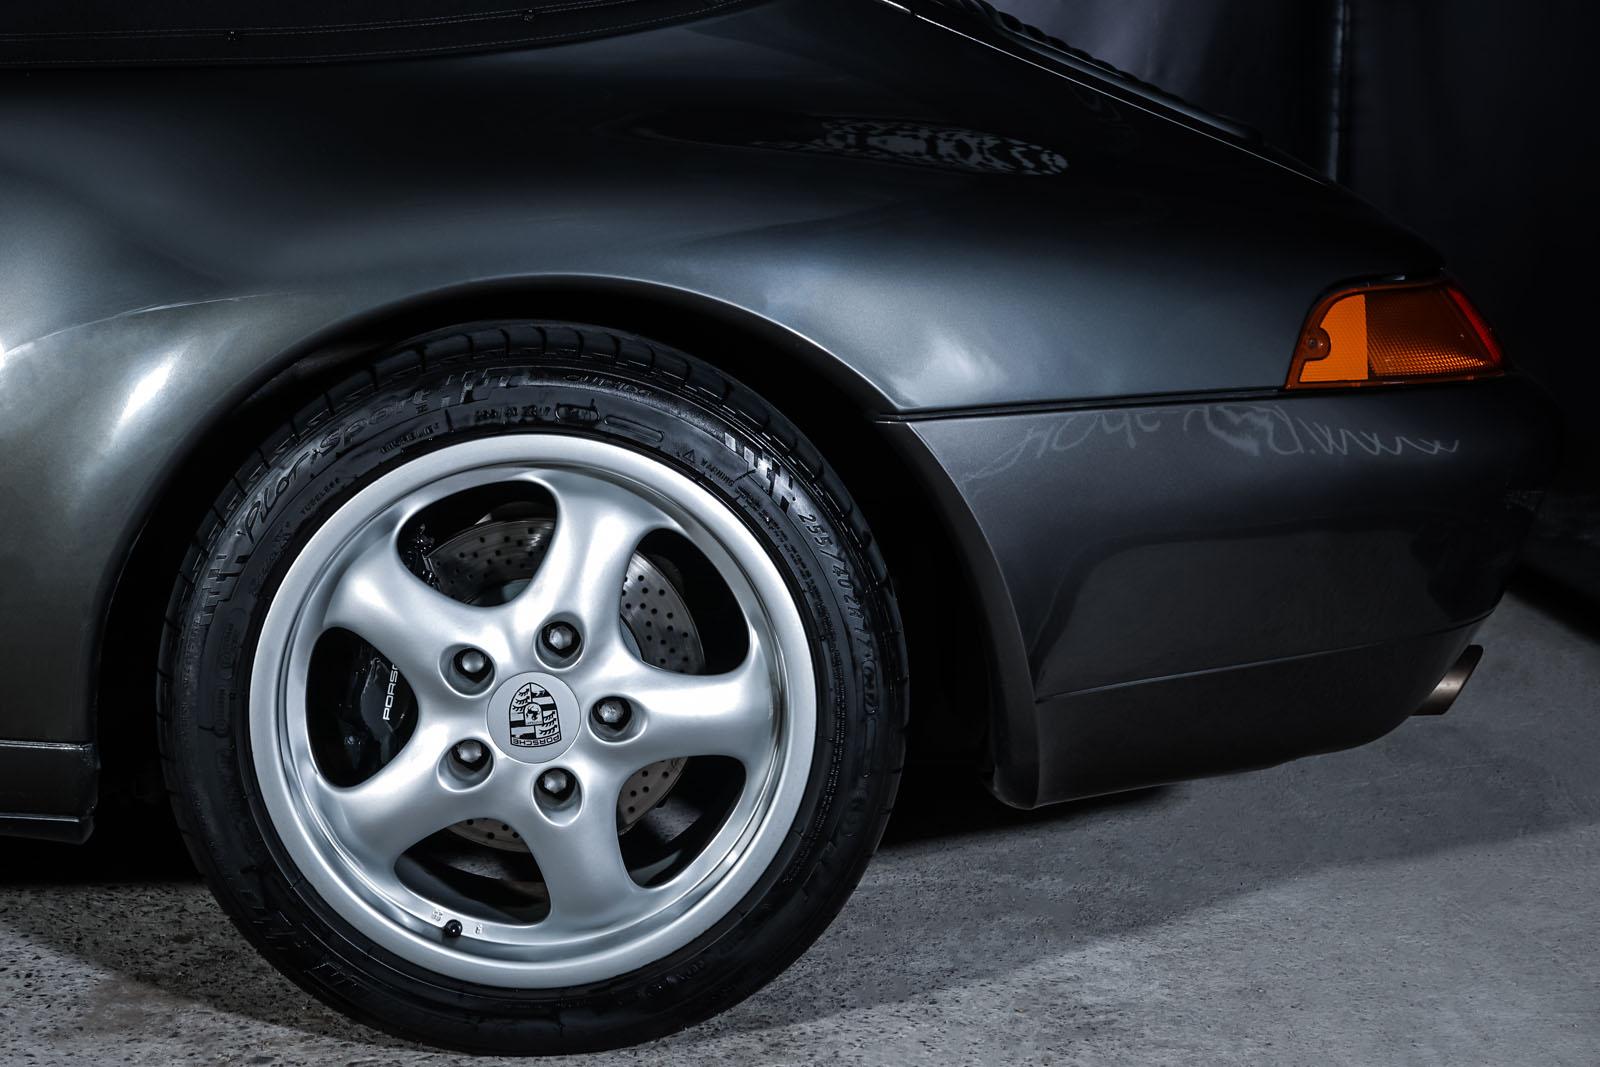 Porsche_993_Carrera_Cabrio_Grau_Schwarz_POR-2375_4_w